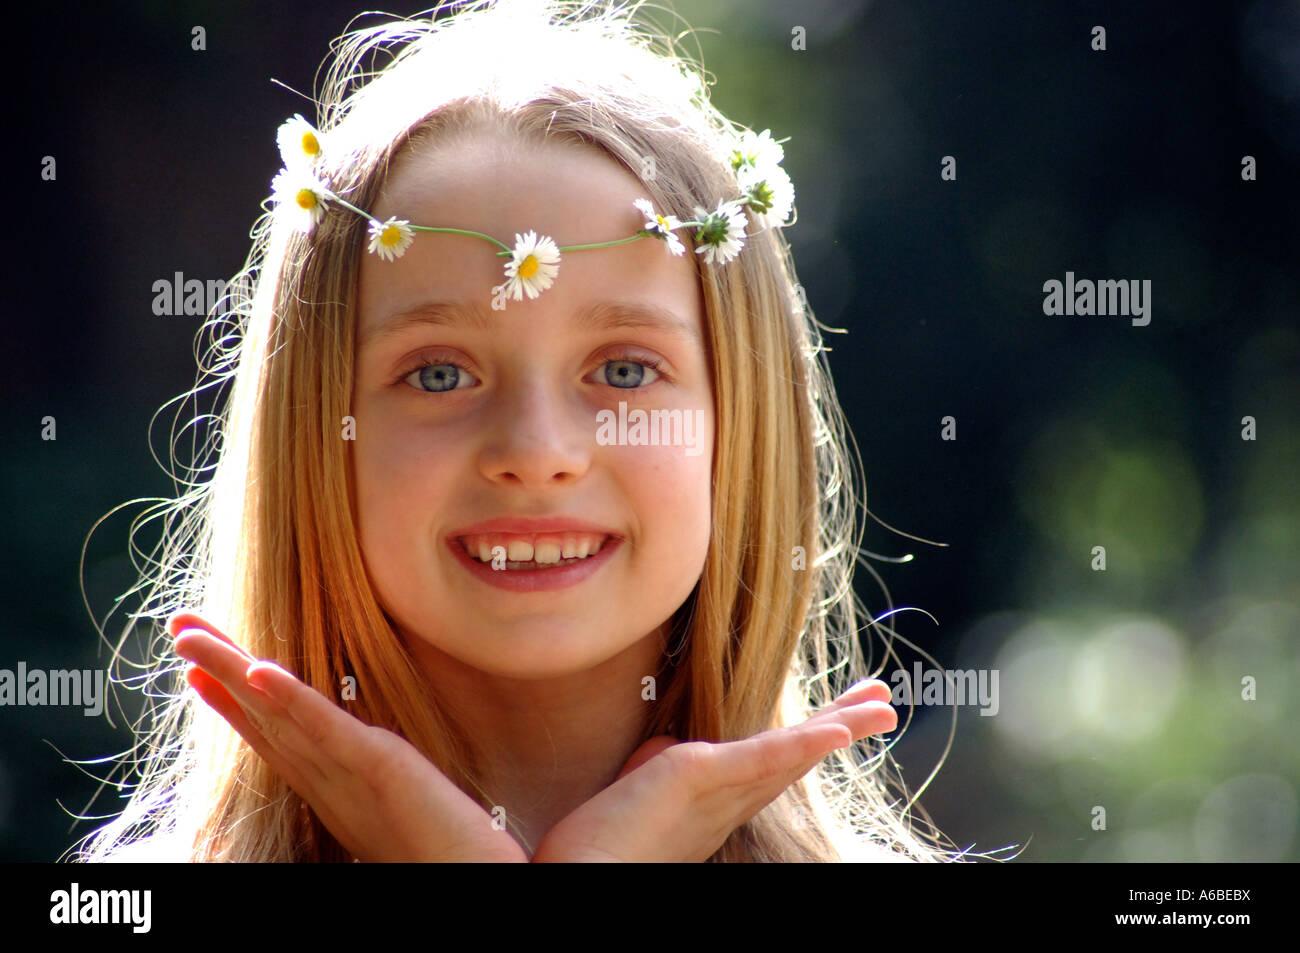 La jeune fille hippie avec chaîne à Londres park Banque D'Images